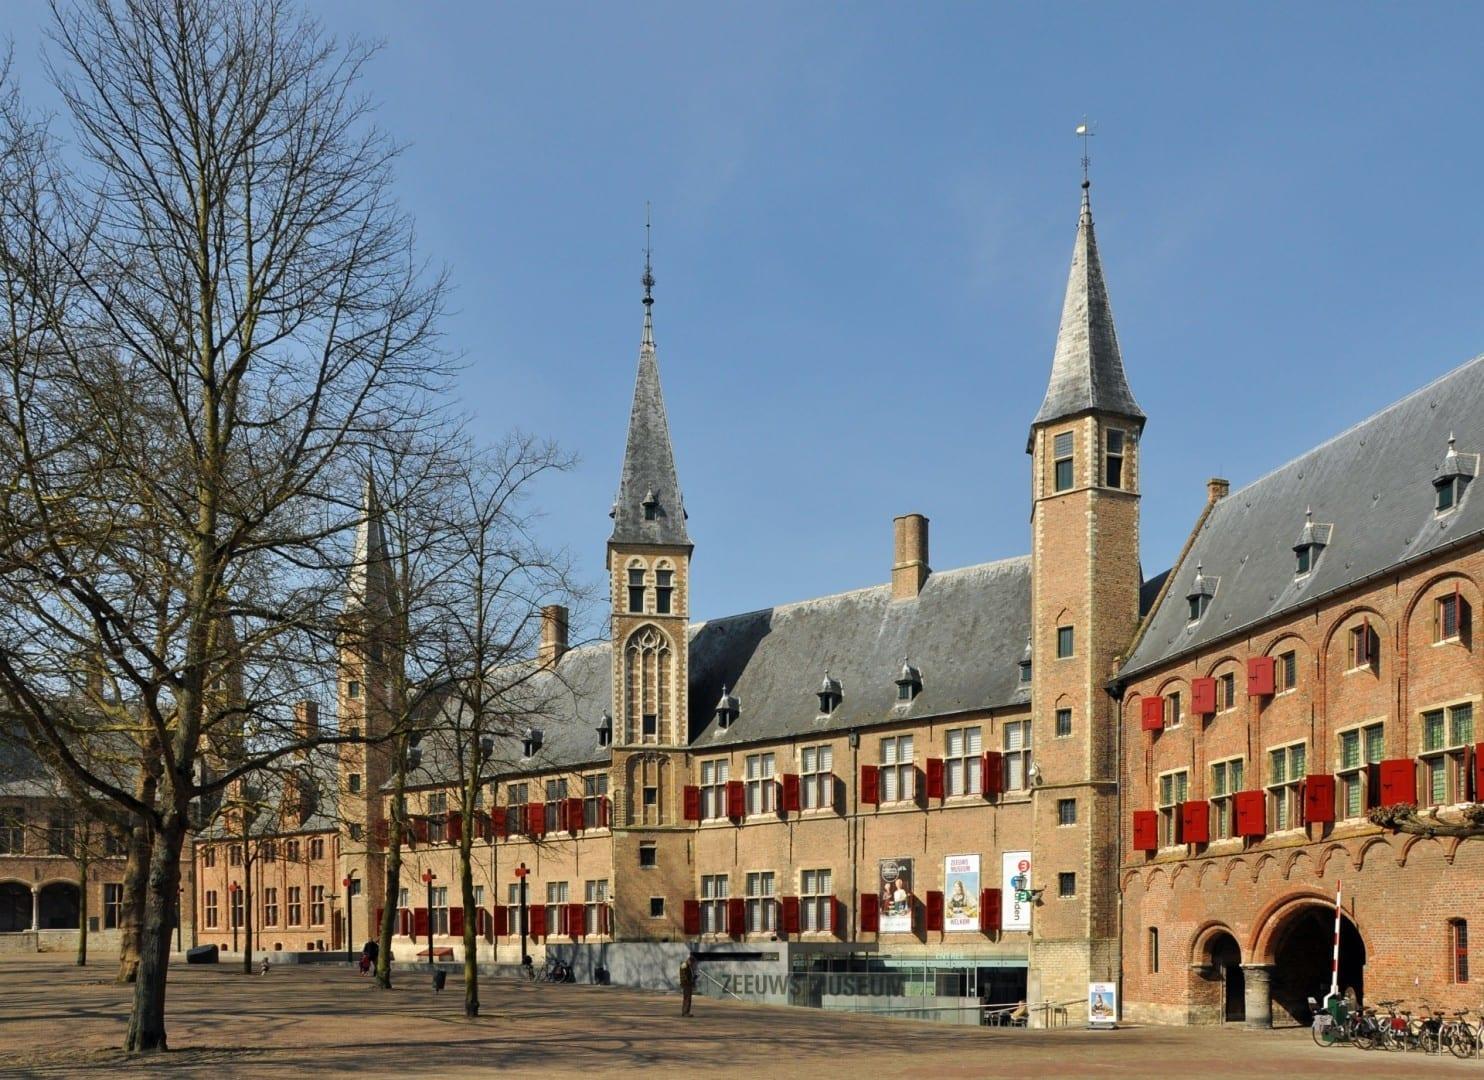 La enorme antigua abadía es ahora el hogar del Museo Zeeuws Middelburg Países Bajos